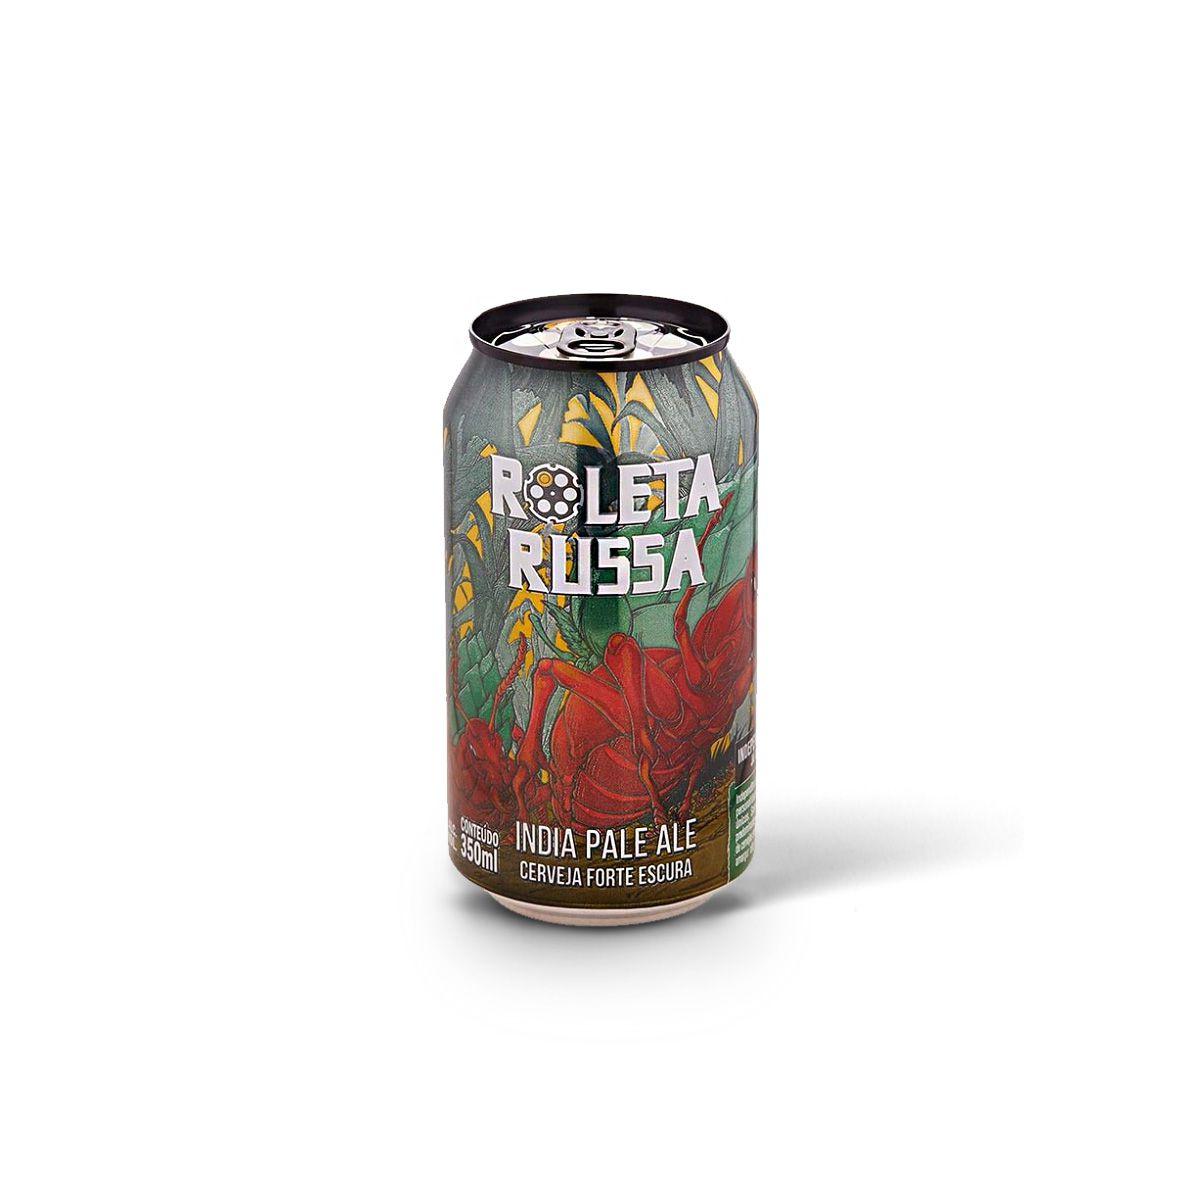 Roleta Russa India Pale Ale IPA 350ml